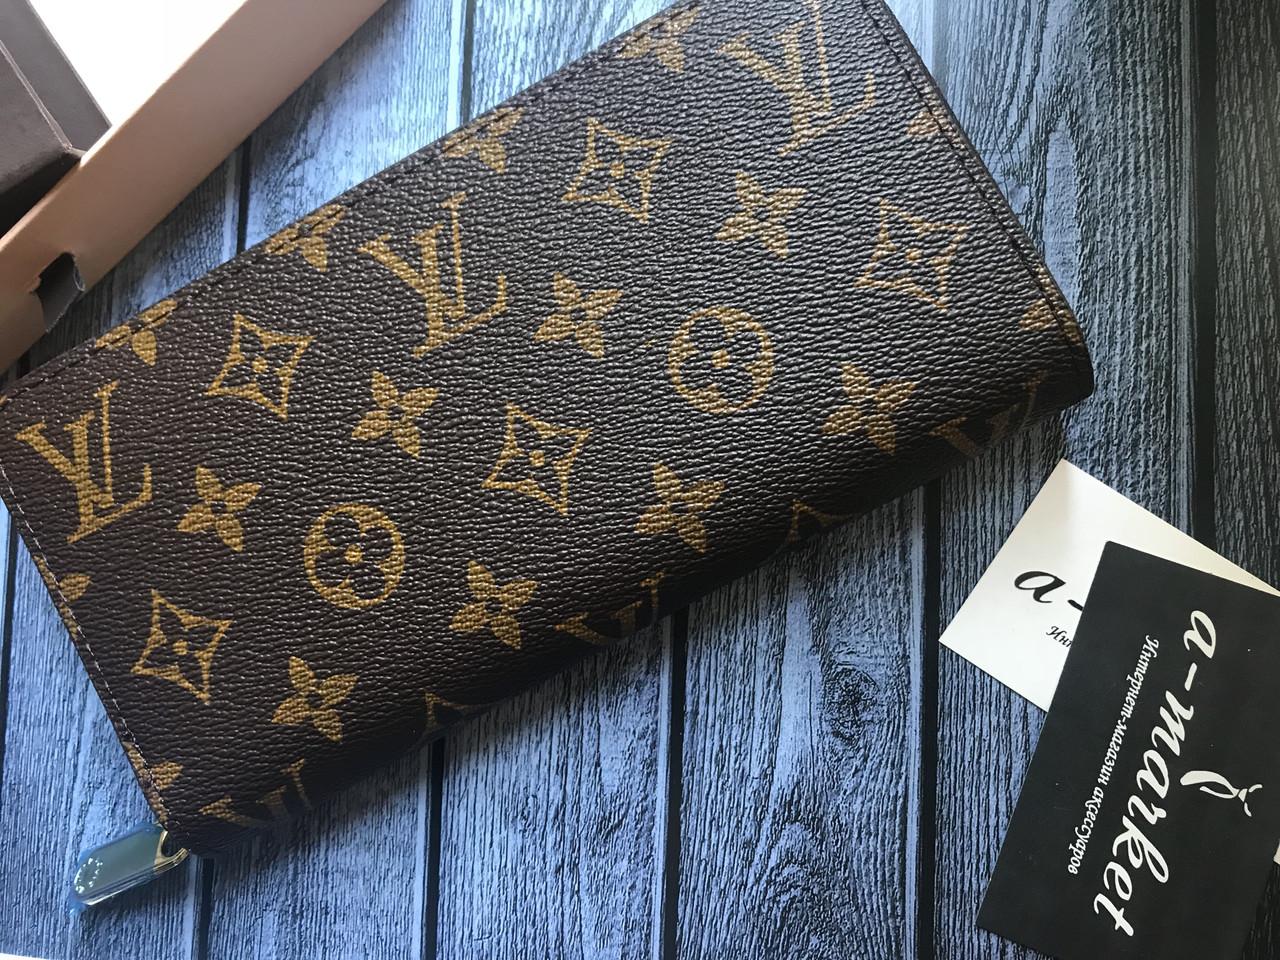 0d0c82eec55f Кошелек клатч портмоне бумажник коричневый мужской женский Louis Vuitton  Monogram премиум реплика, ...